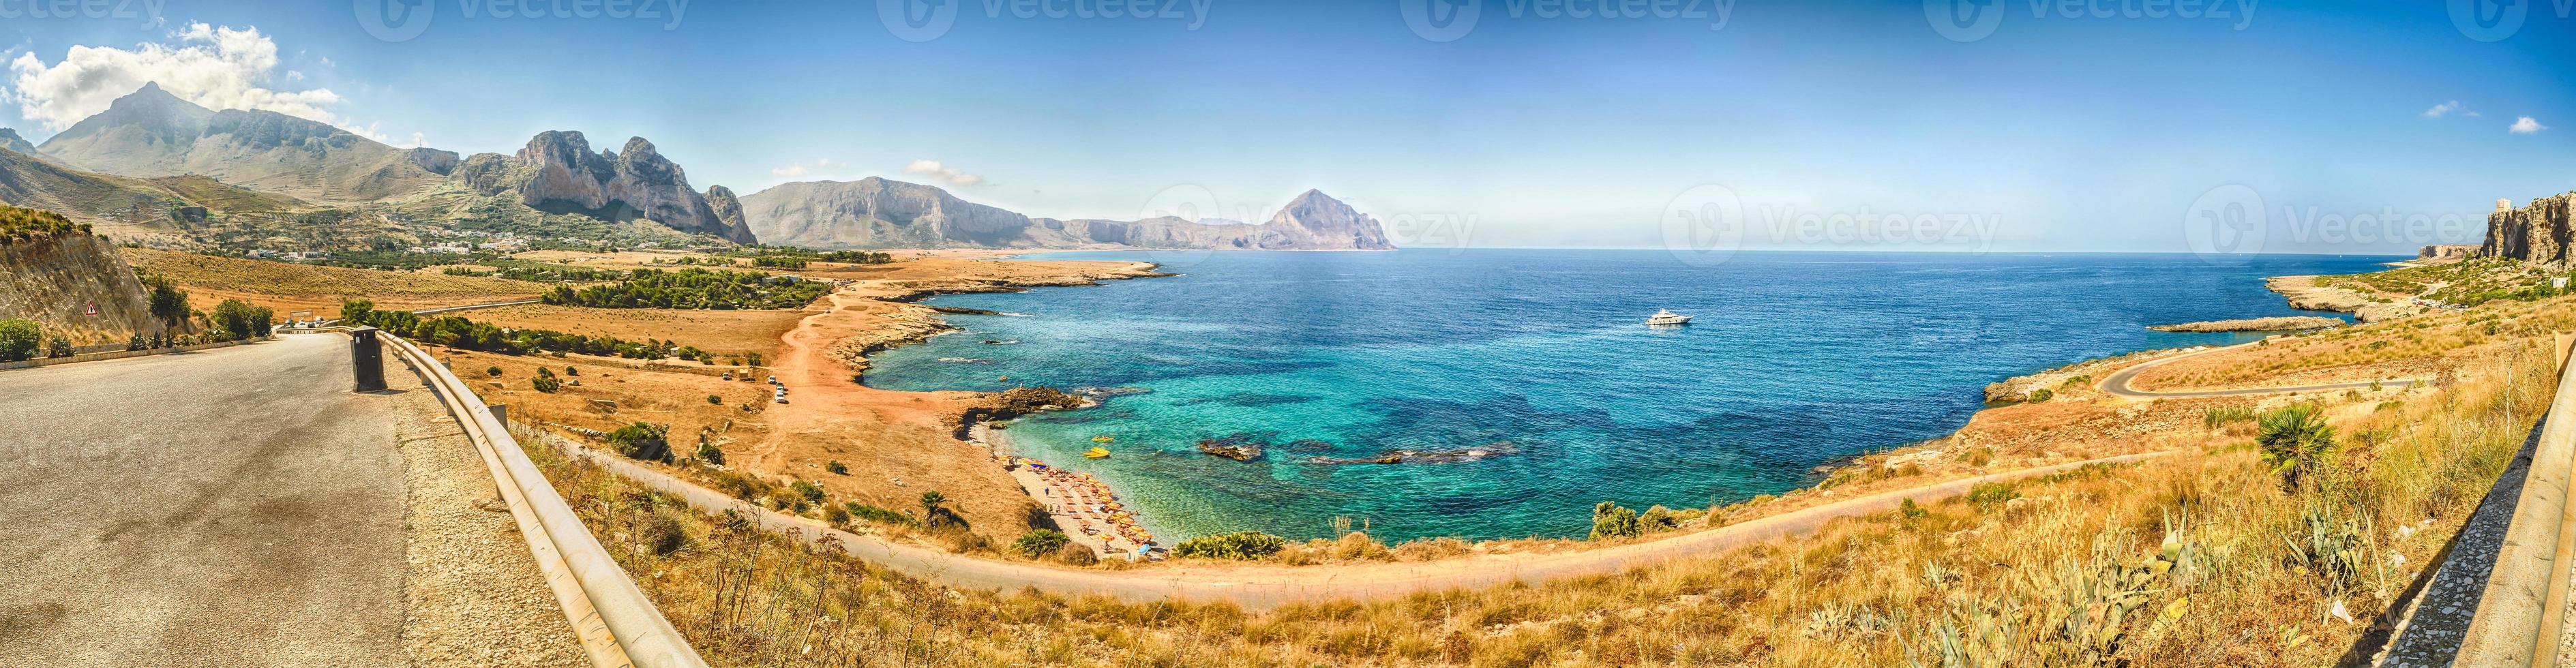 vista panoramica sulla costa siciliana e sul monte cofano foto